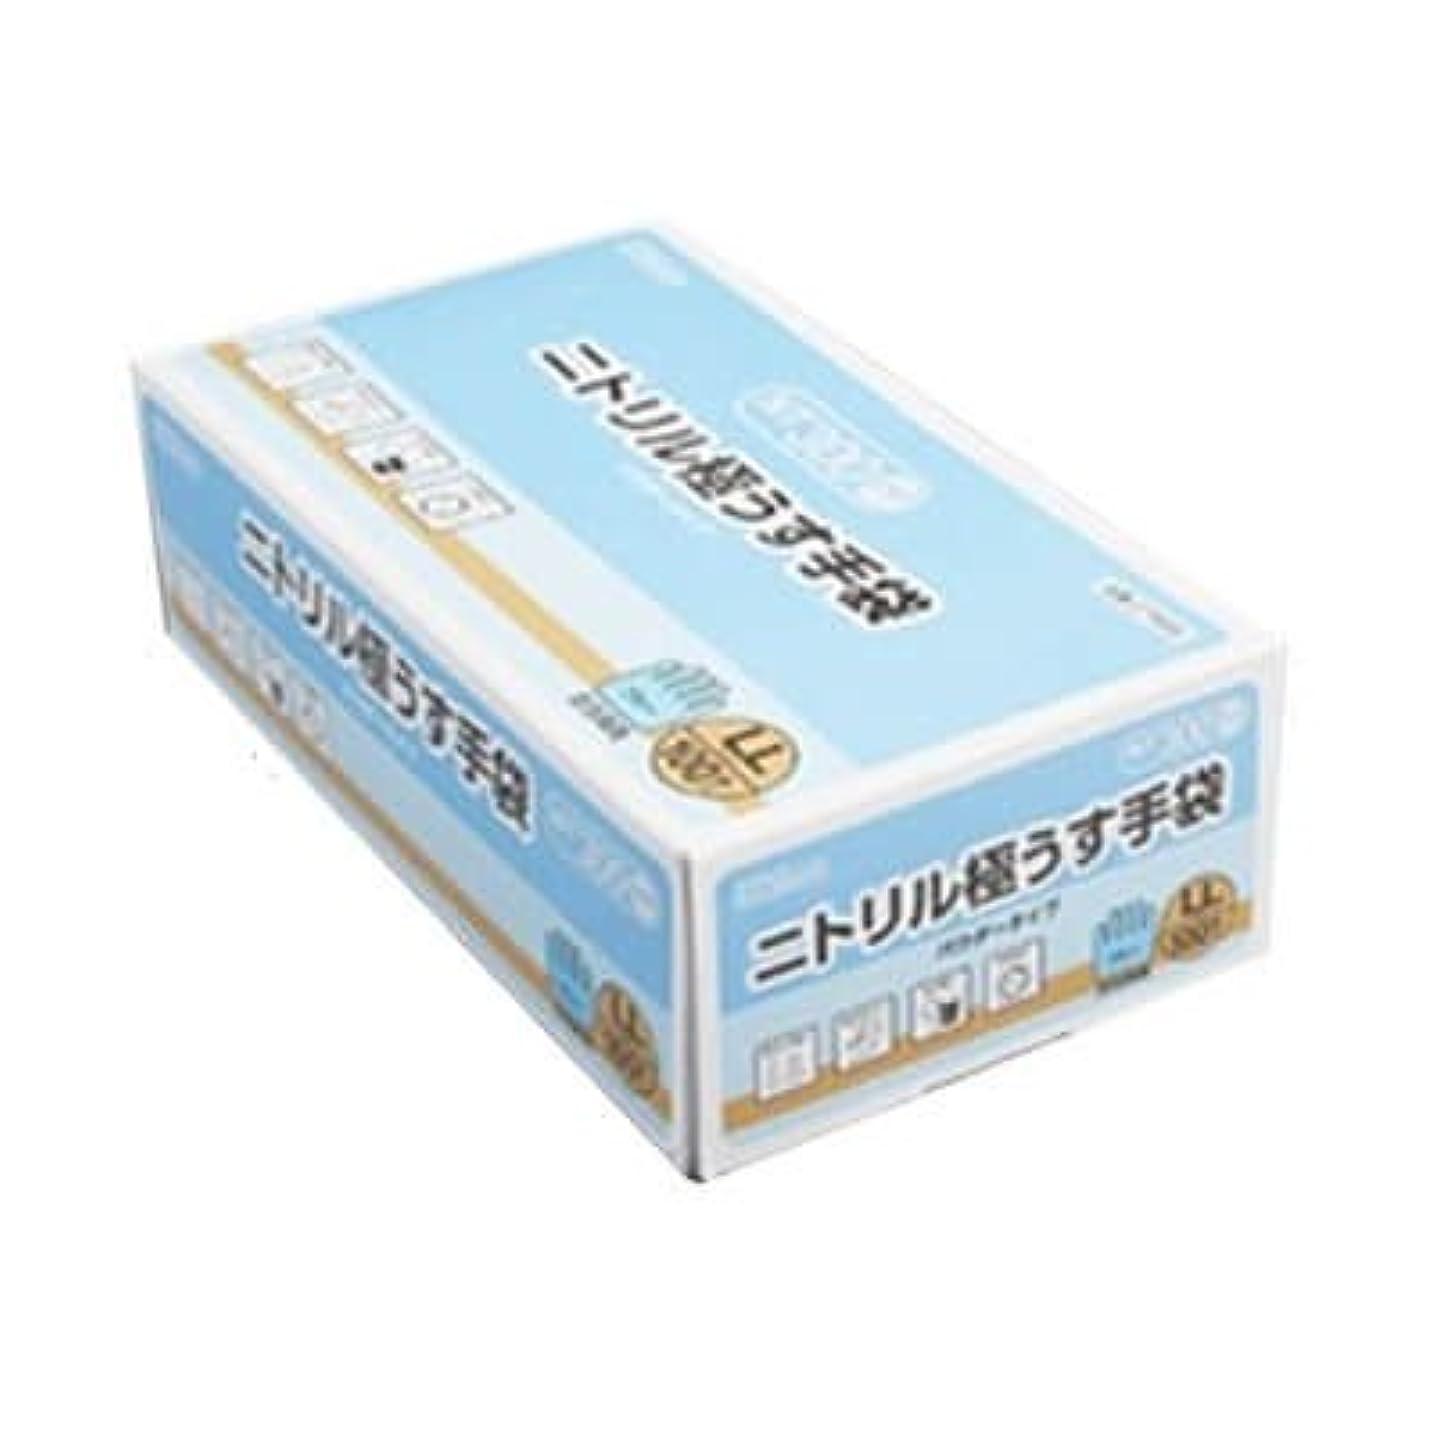 ふつう直面する監査【ケース販売】 ダンロップ ニトリル極うす手袋 粉付 LL ブルー NT-300 (100枚入×20箱)